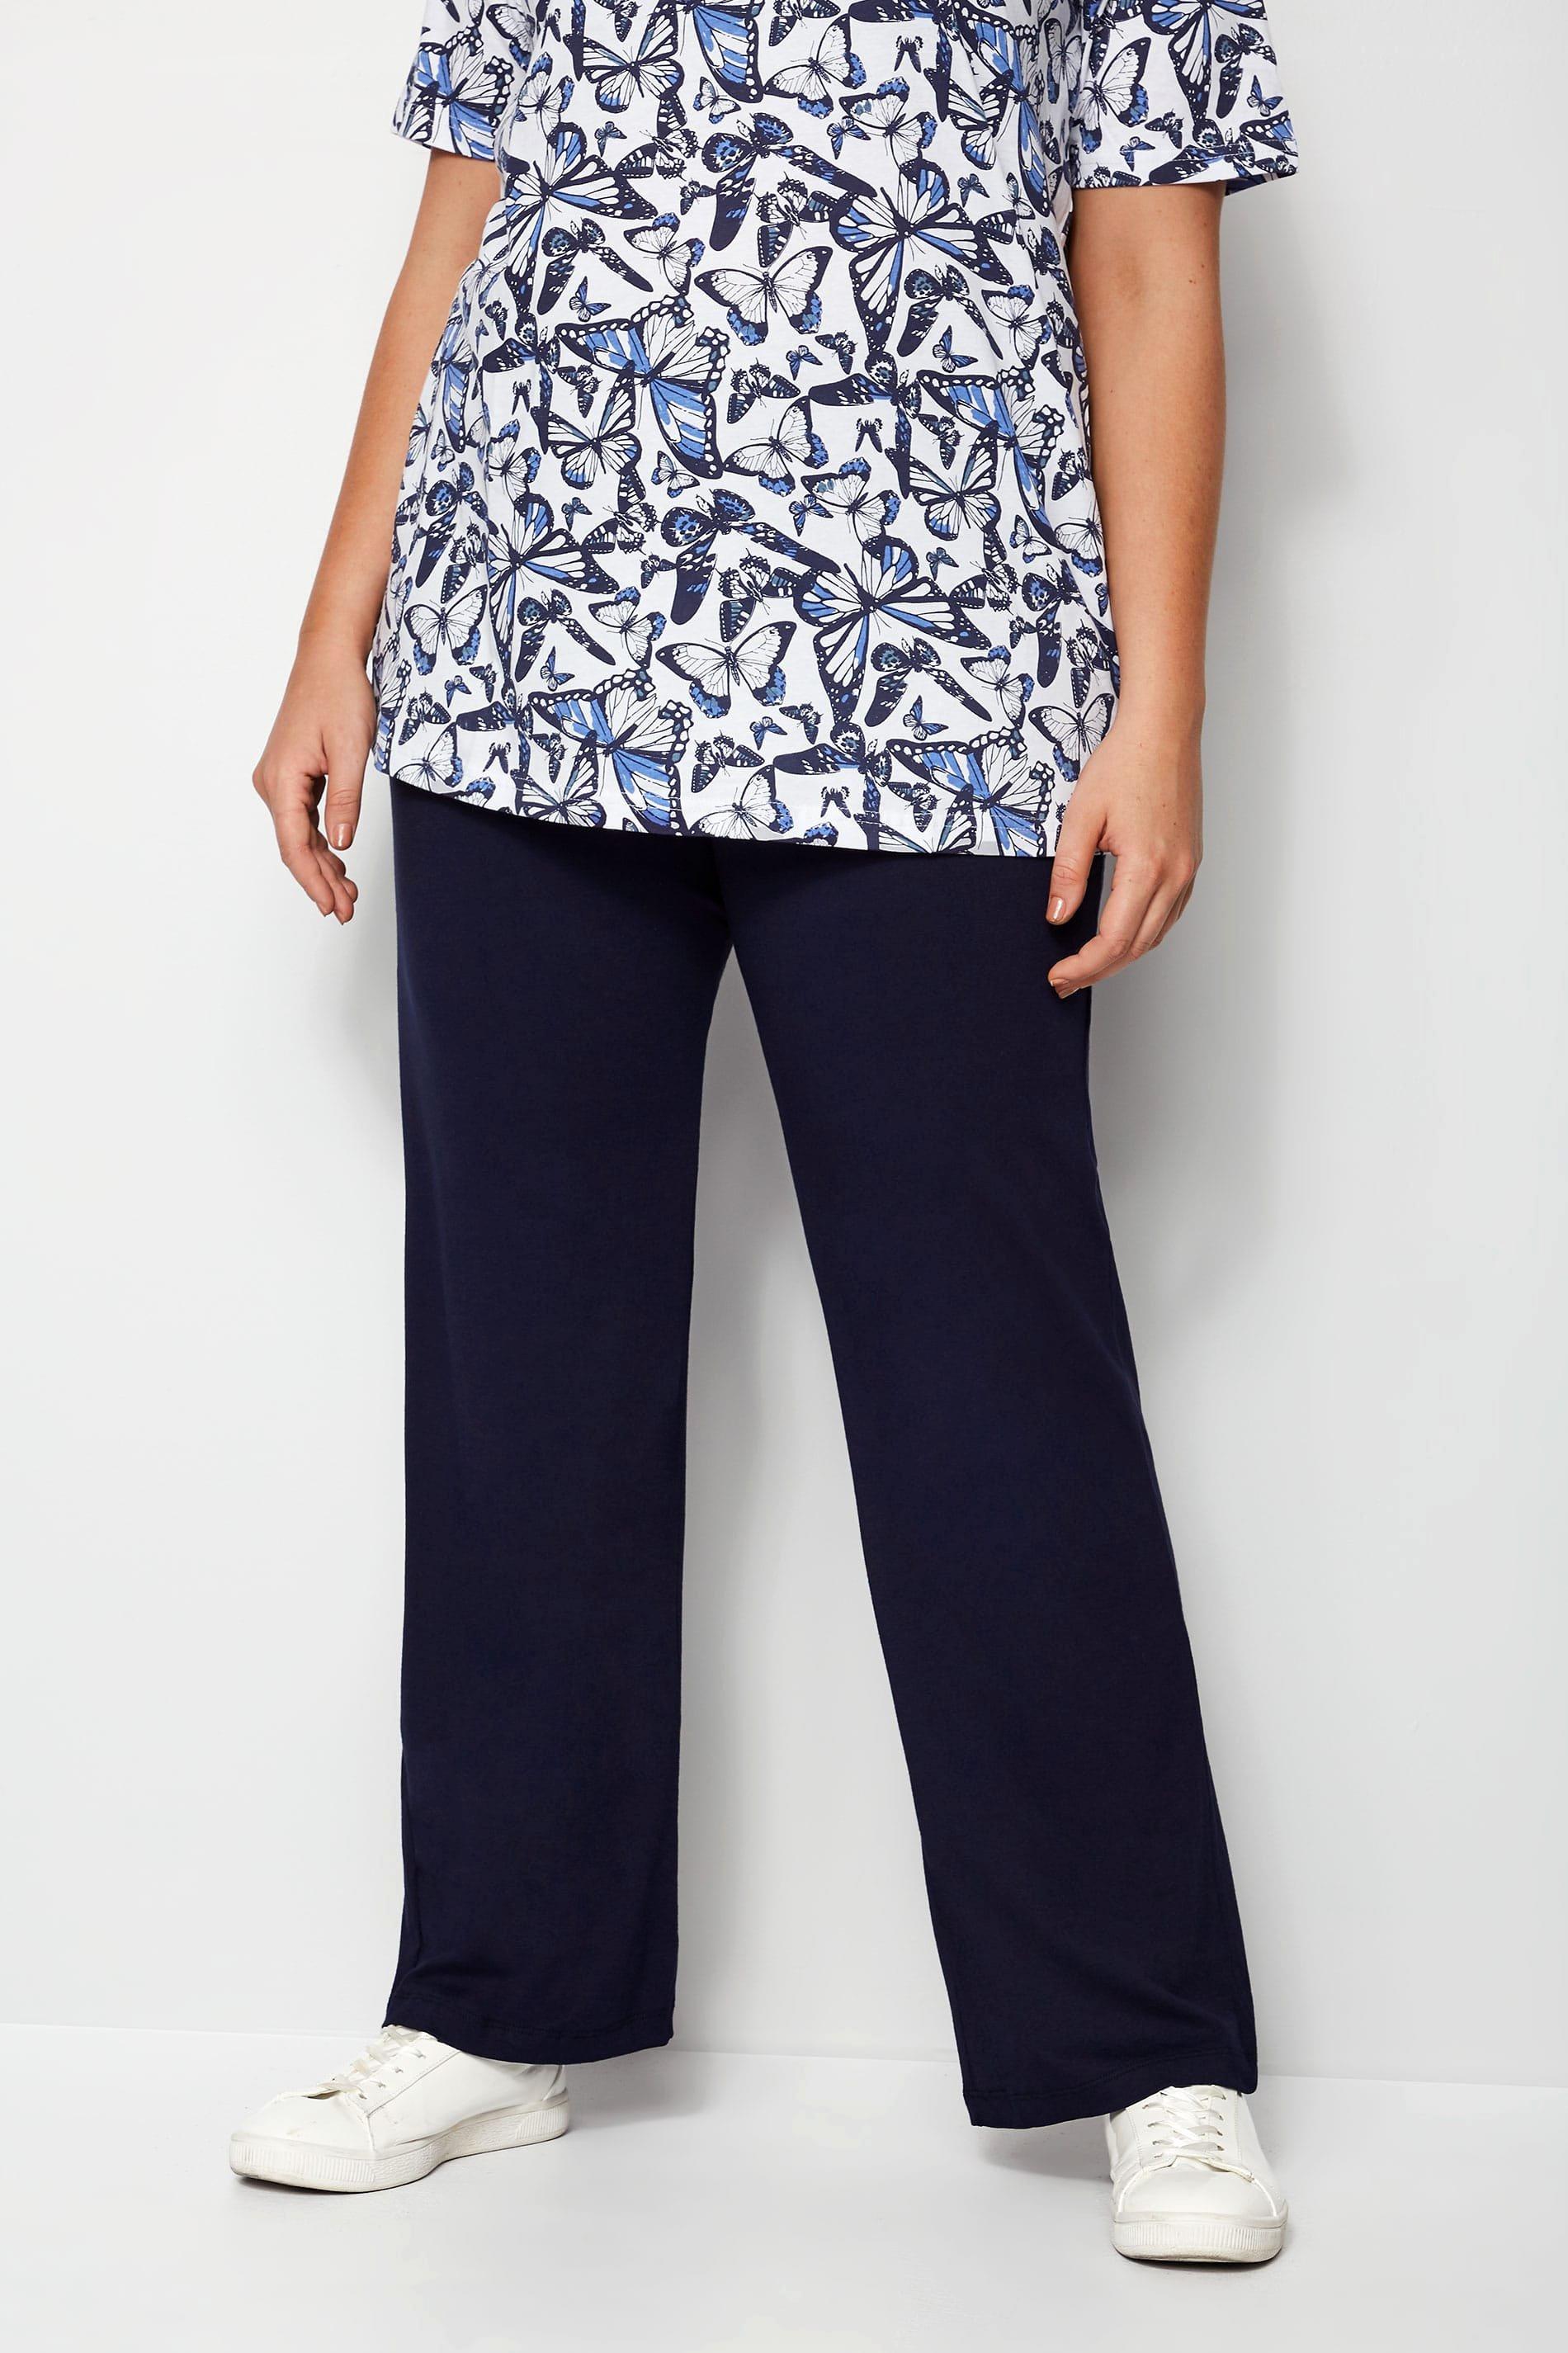 Like Us On Facebook Template Luxury Granatowe Spodnie Do Jogi Niezbędne W Każdej Szafie